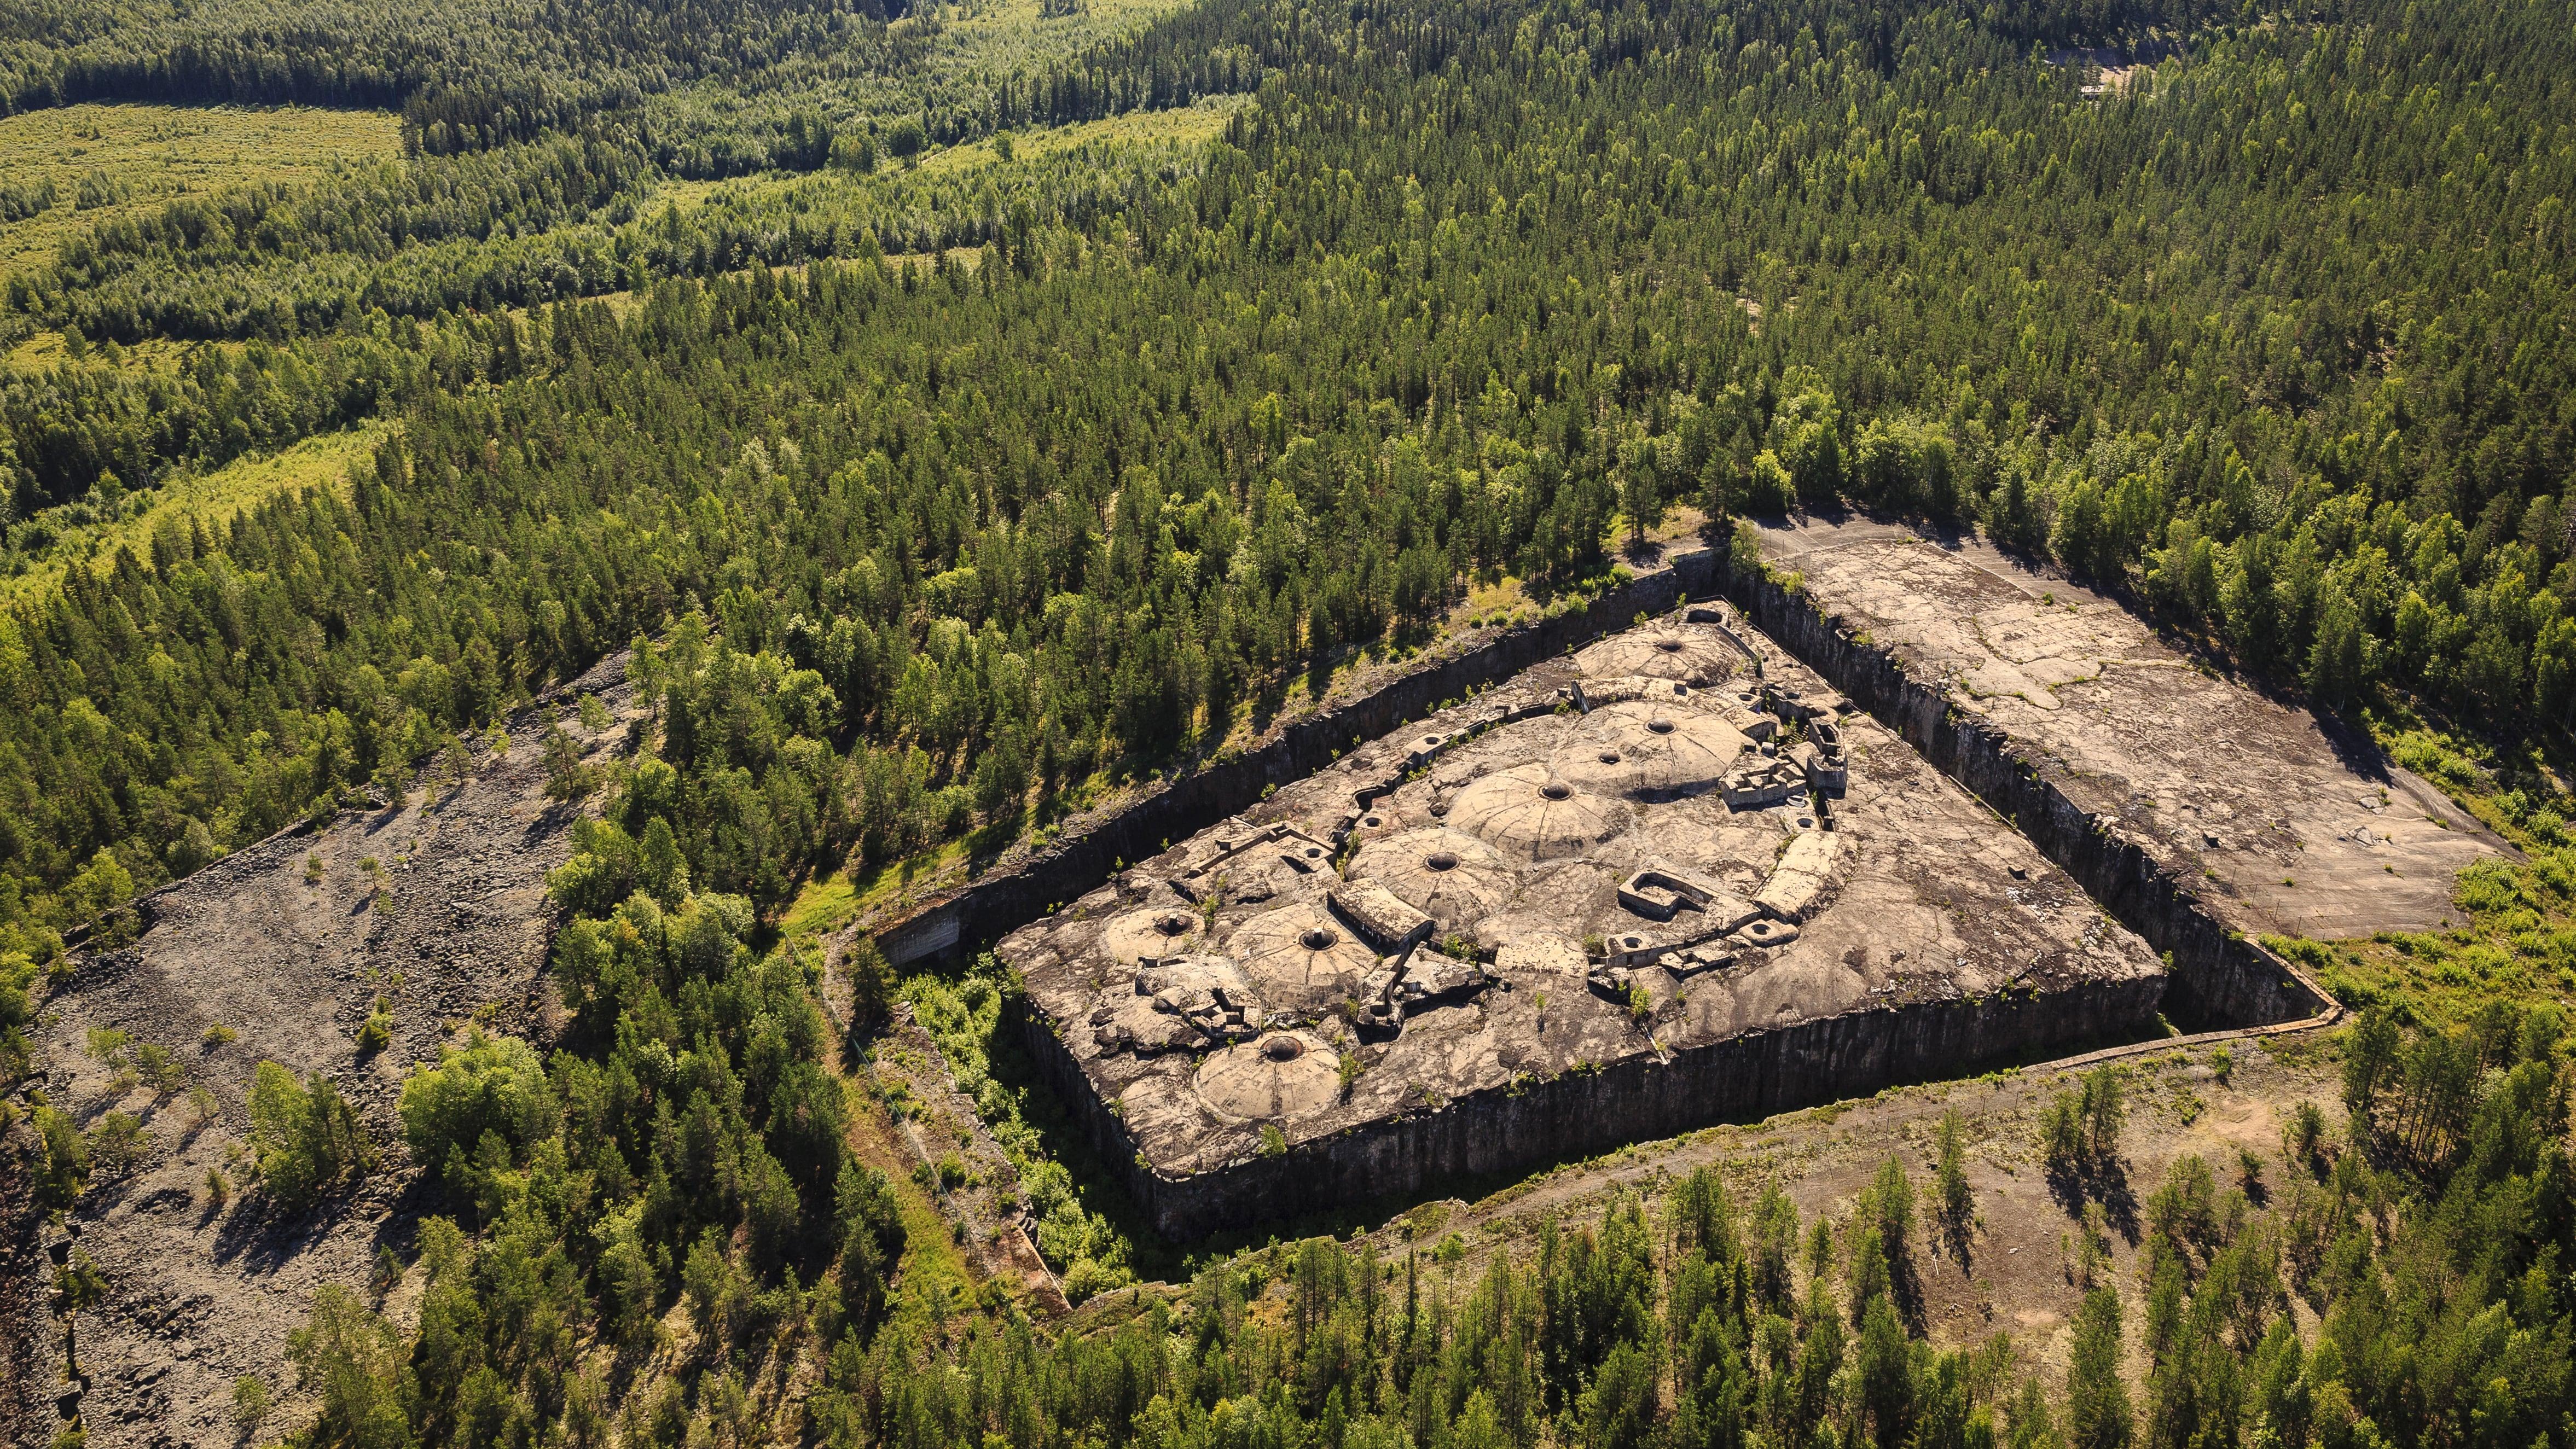 Bodens fästning - artikel i Boden Bild nummer 1 2019